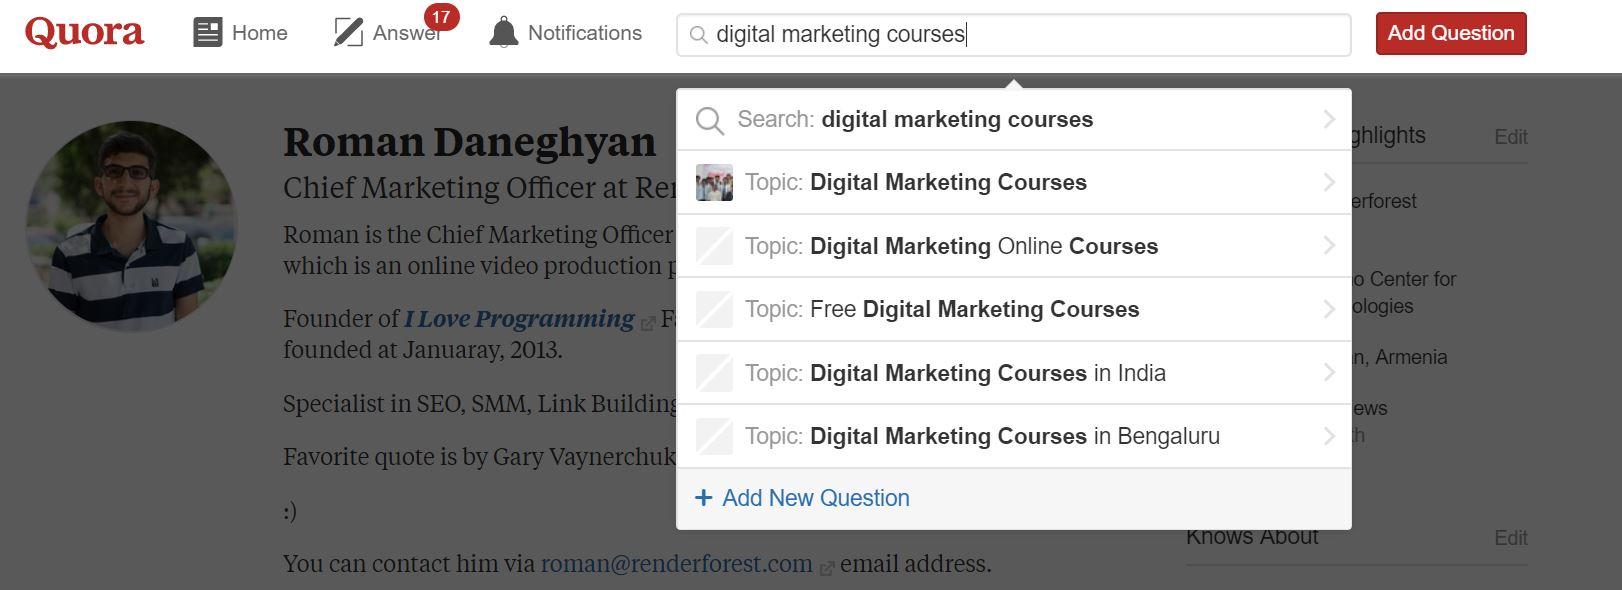 Quora Digital Marketing Courses